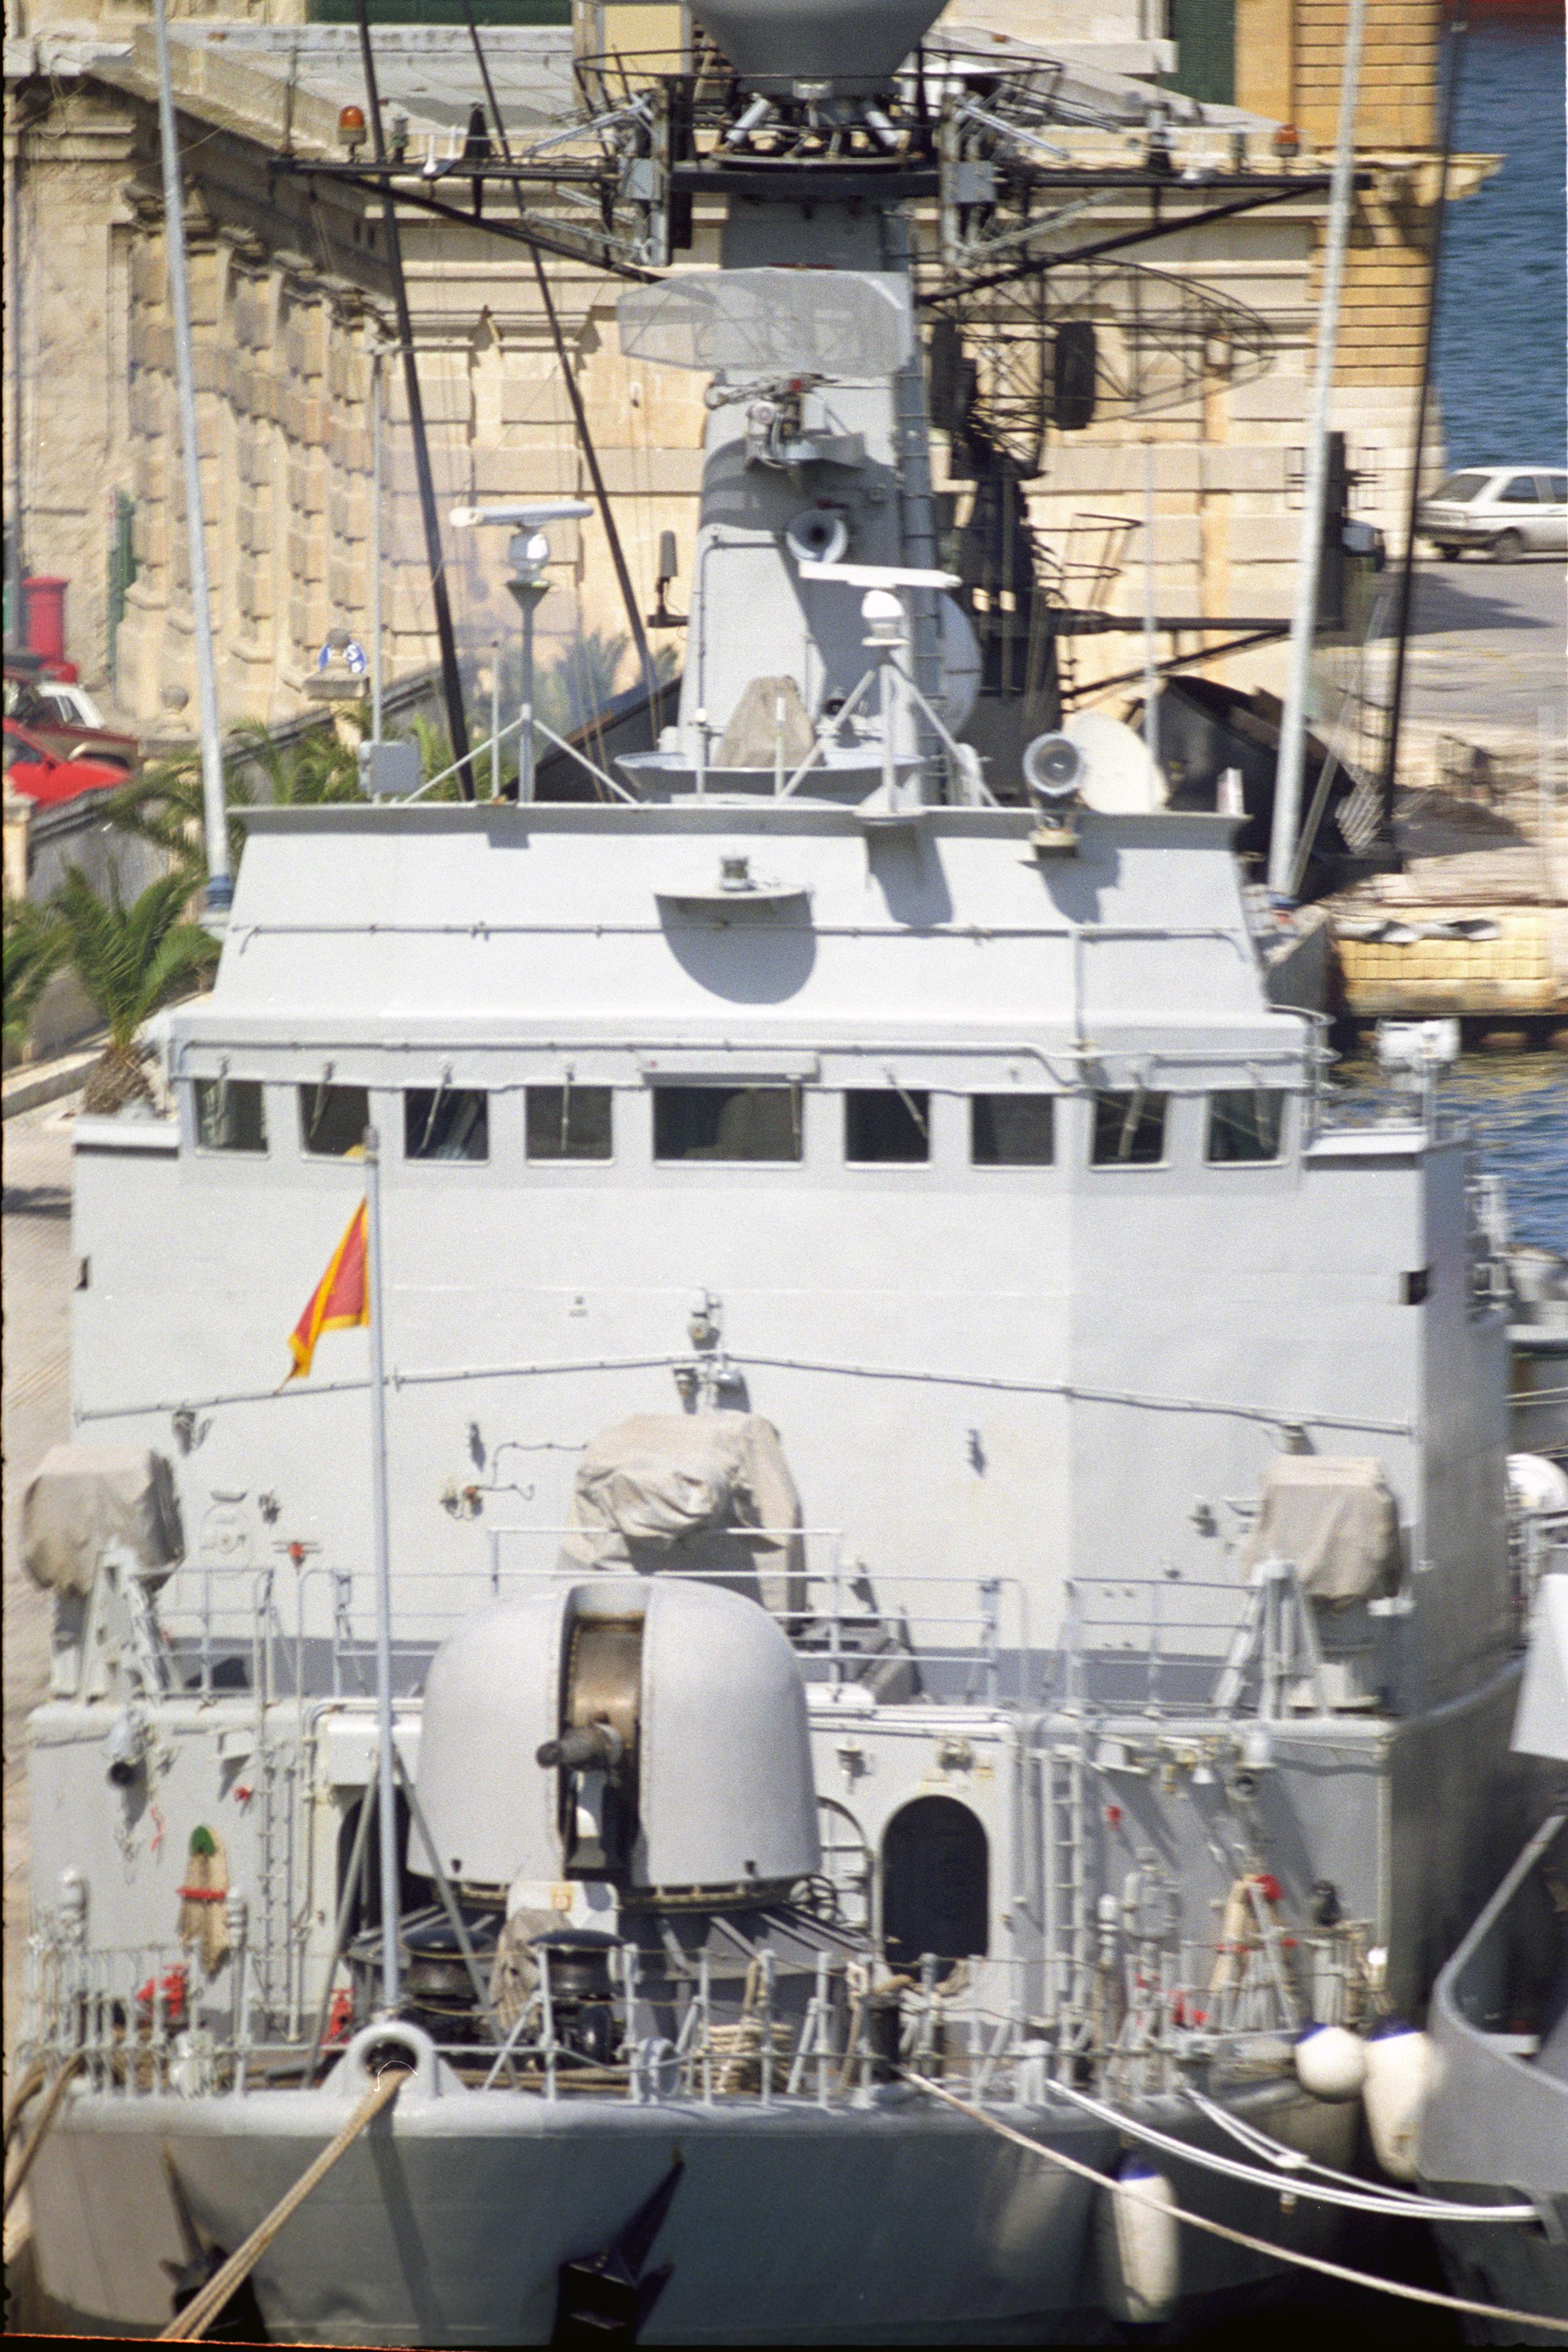 Royal Moroccan Navy Descubierta Frigate / Patrouilleur Océanique Lt Cl Errahmani - Bâtiment École - Page 3 24353624053_cd43051115_o